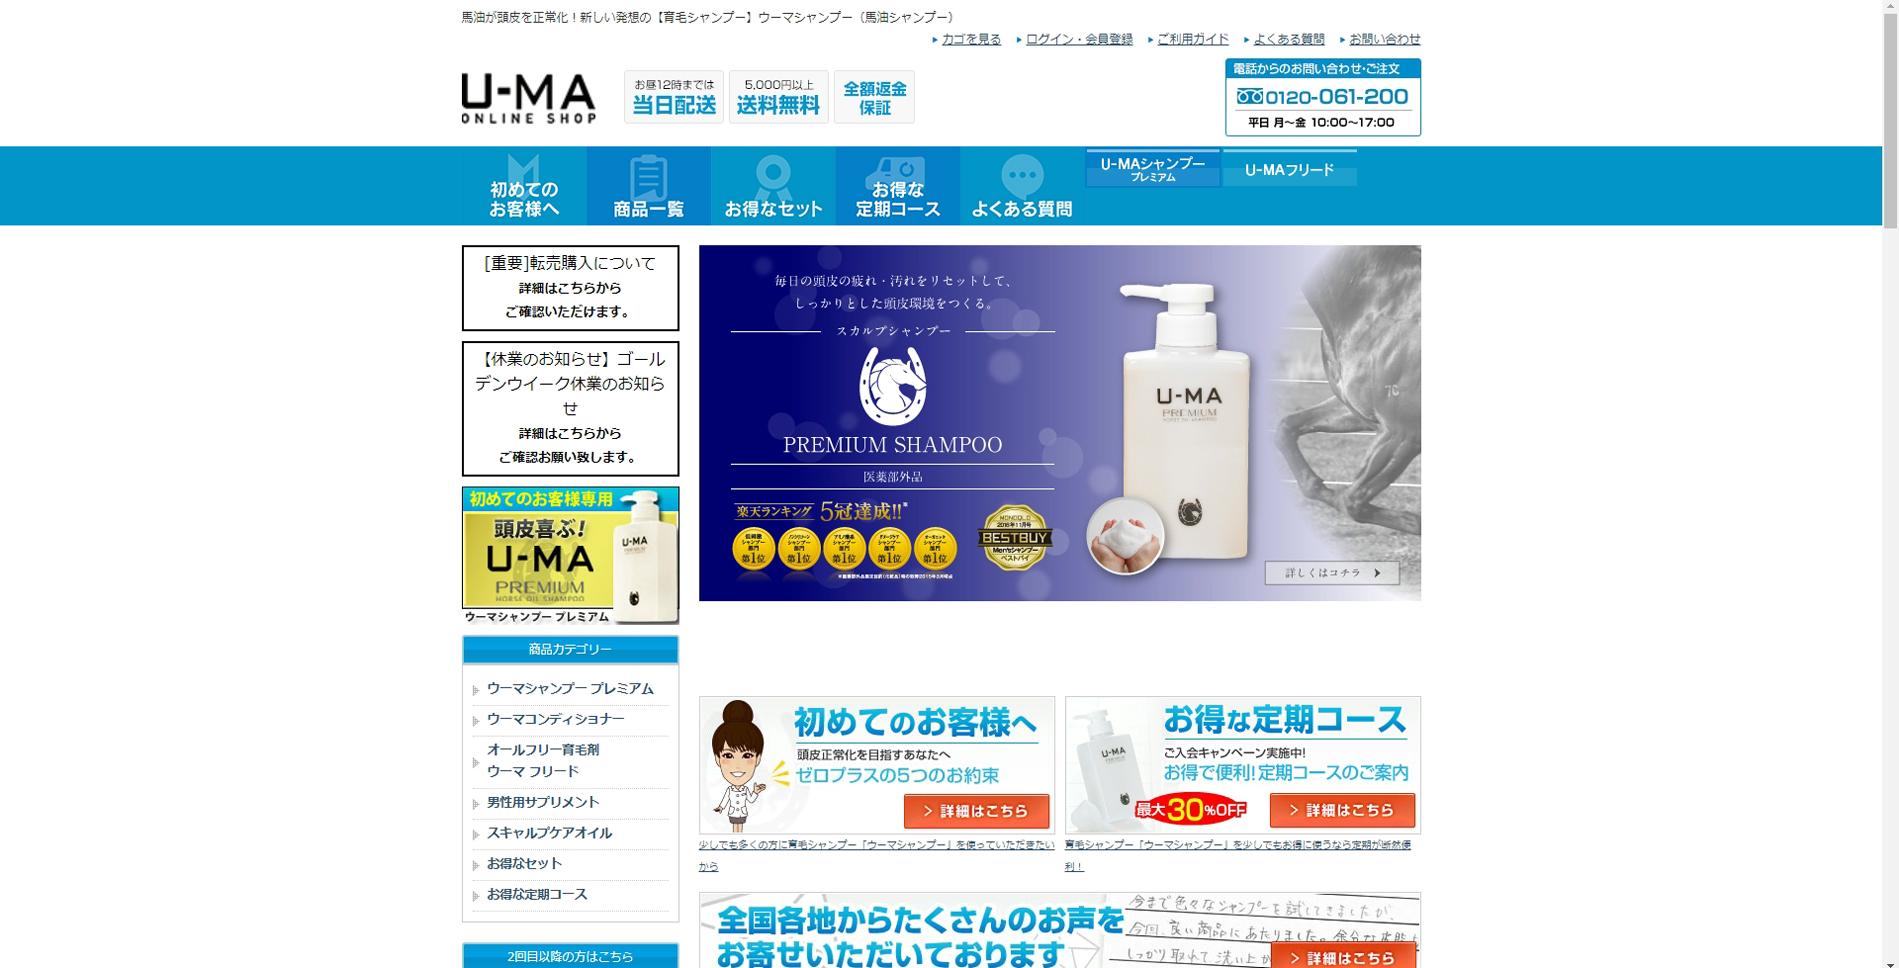 サU-MA【ウーマ】シャンプーの公式ホームページのトップのスクリーンショット